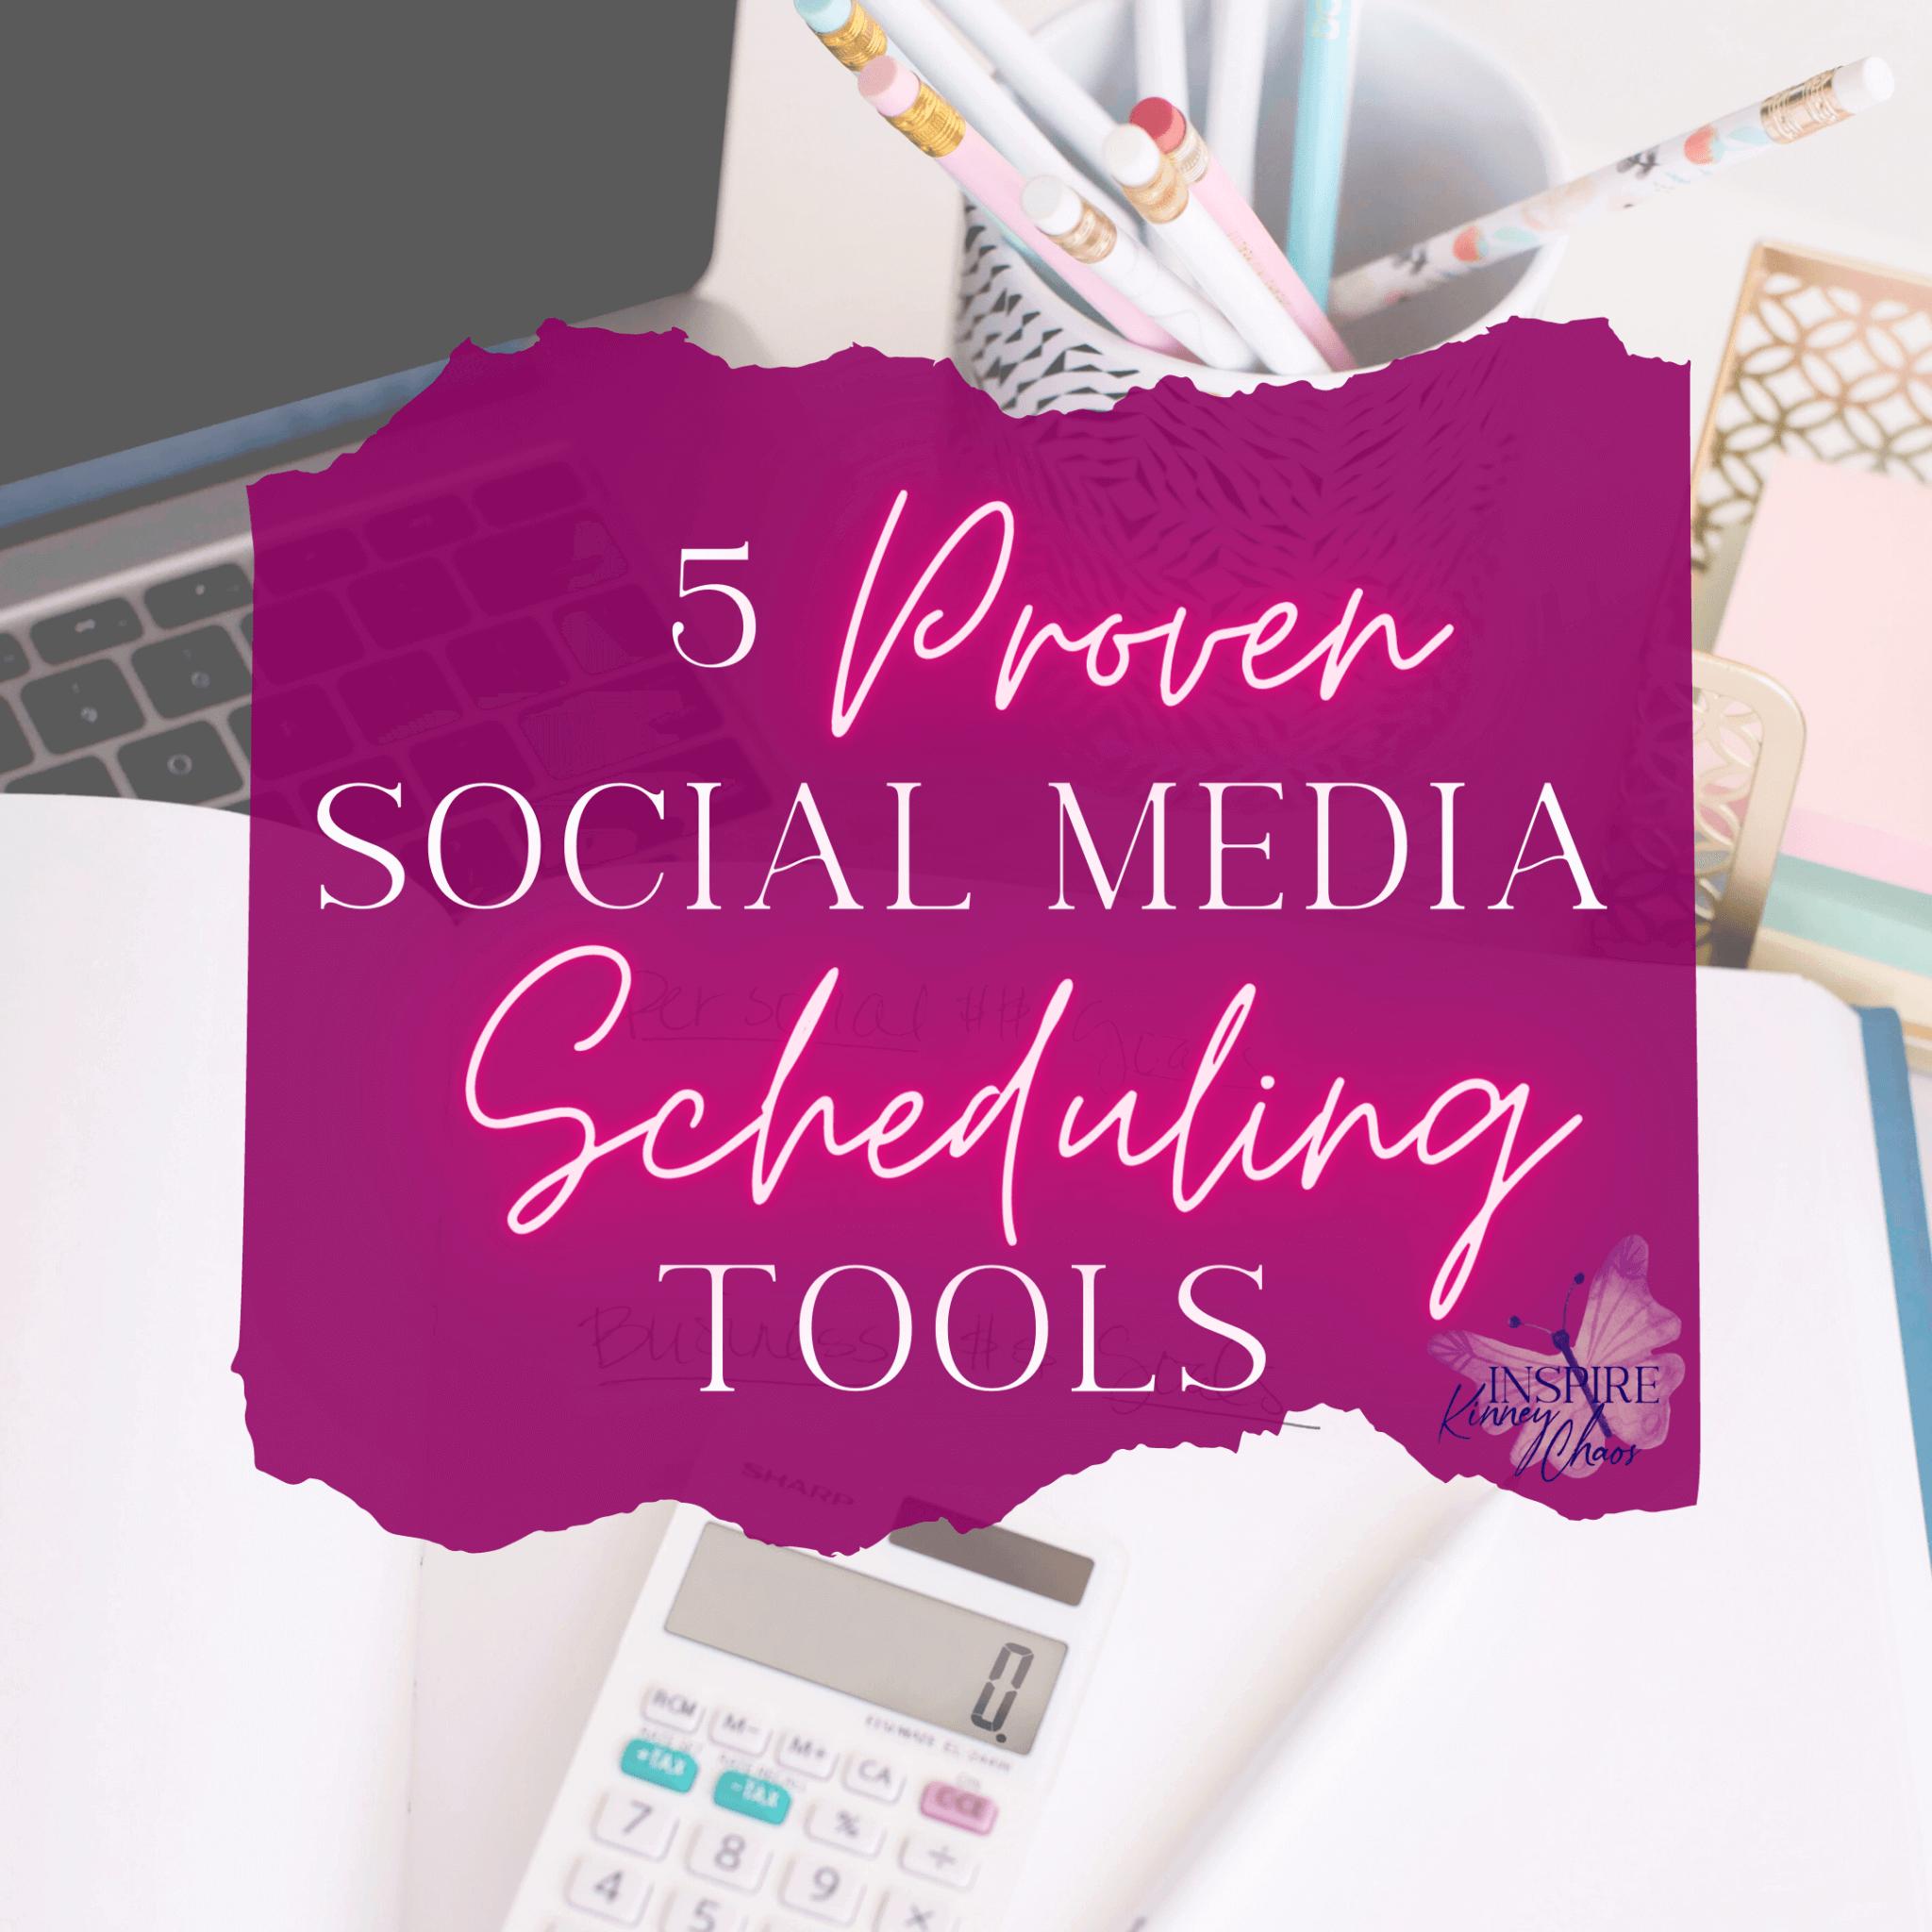 5 Proven Social Media Scheduling Tools